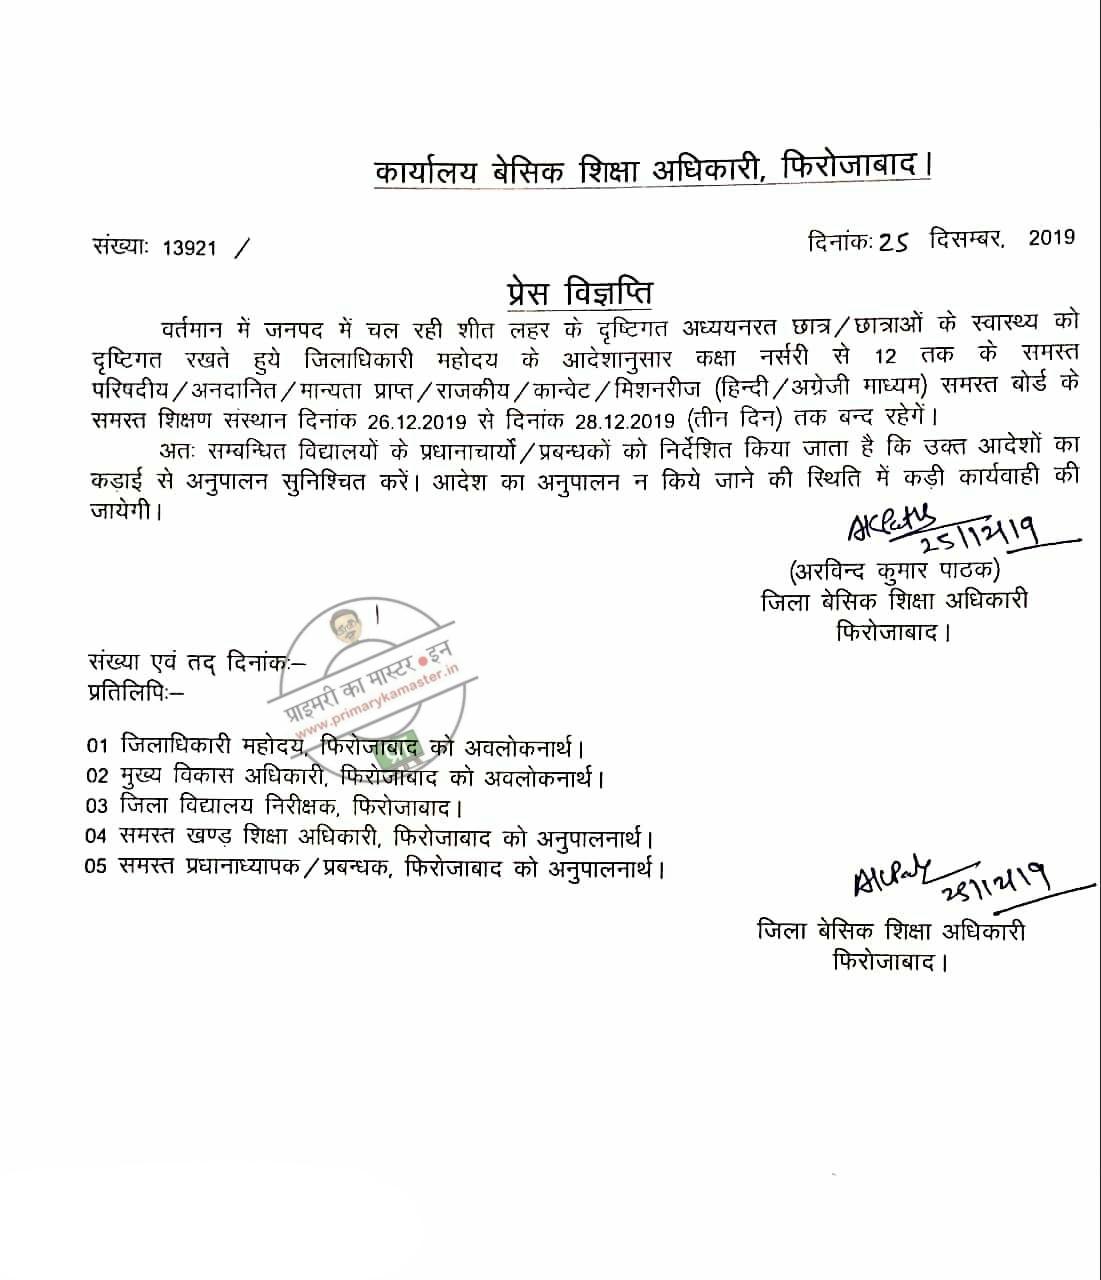 फिरोजाबाद :  जनपद के कक्षा 12 तक के समस्त विद्यालयों में 28 दिसम्बर तक का अवकाश घोषित, आदेश देखें